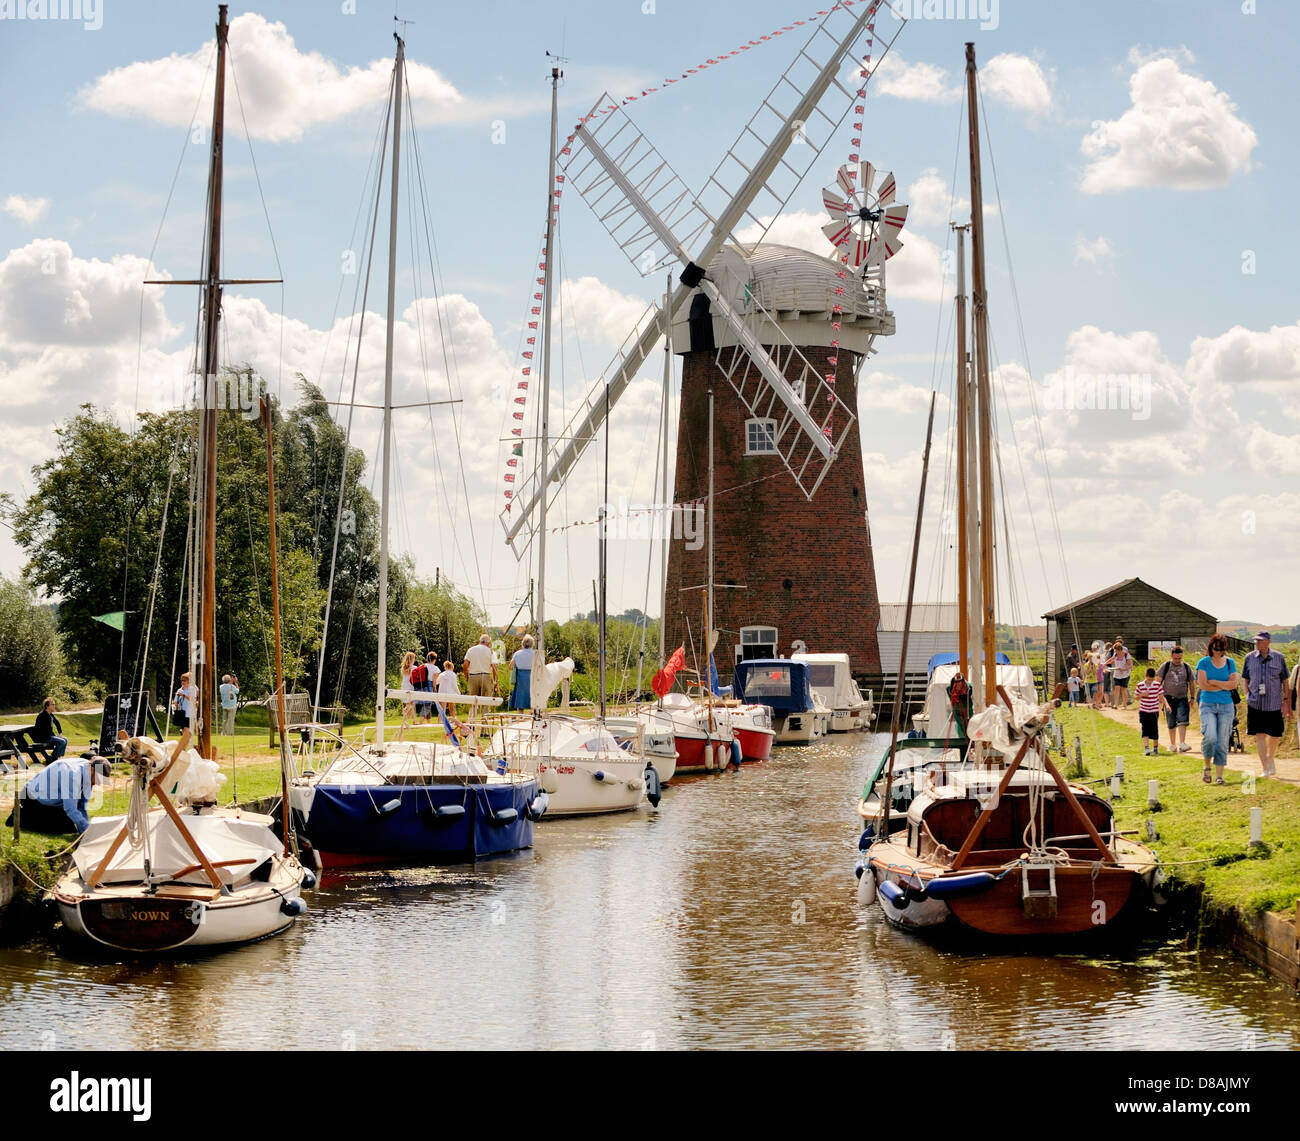 Horsey Windpumpe Entwässerung Windmühle in der Nähe von Great Yarmouth, Norfolk, England. Sportboote Stockbild